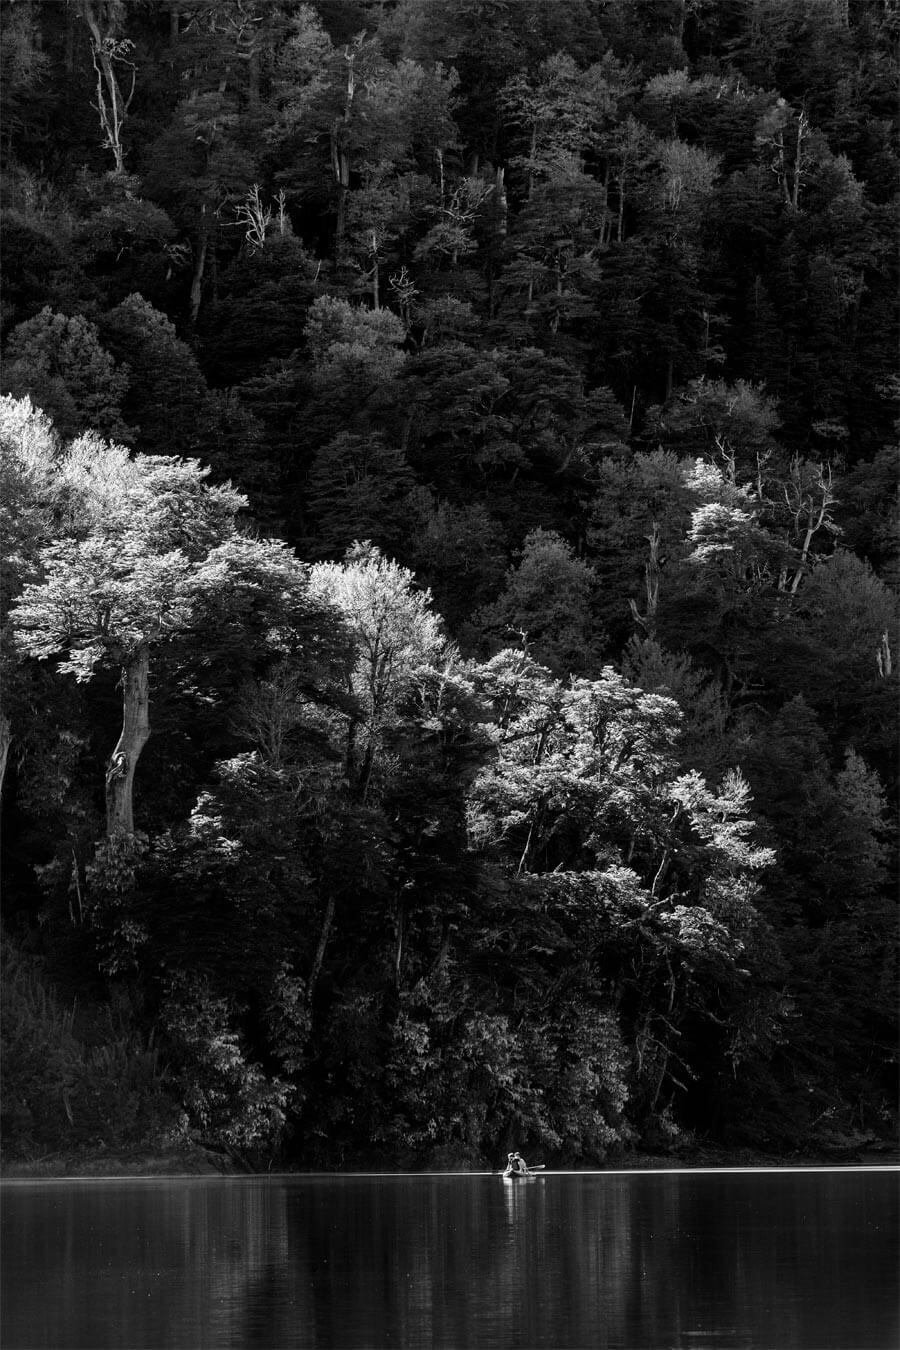 Isaias z'n stijl van fotograferen slaat aan, ook buiten het Andesgebergte